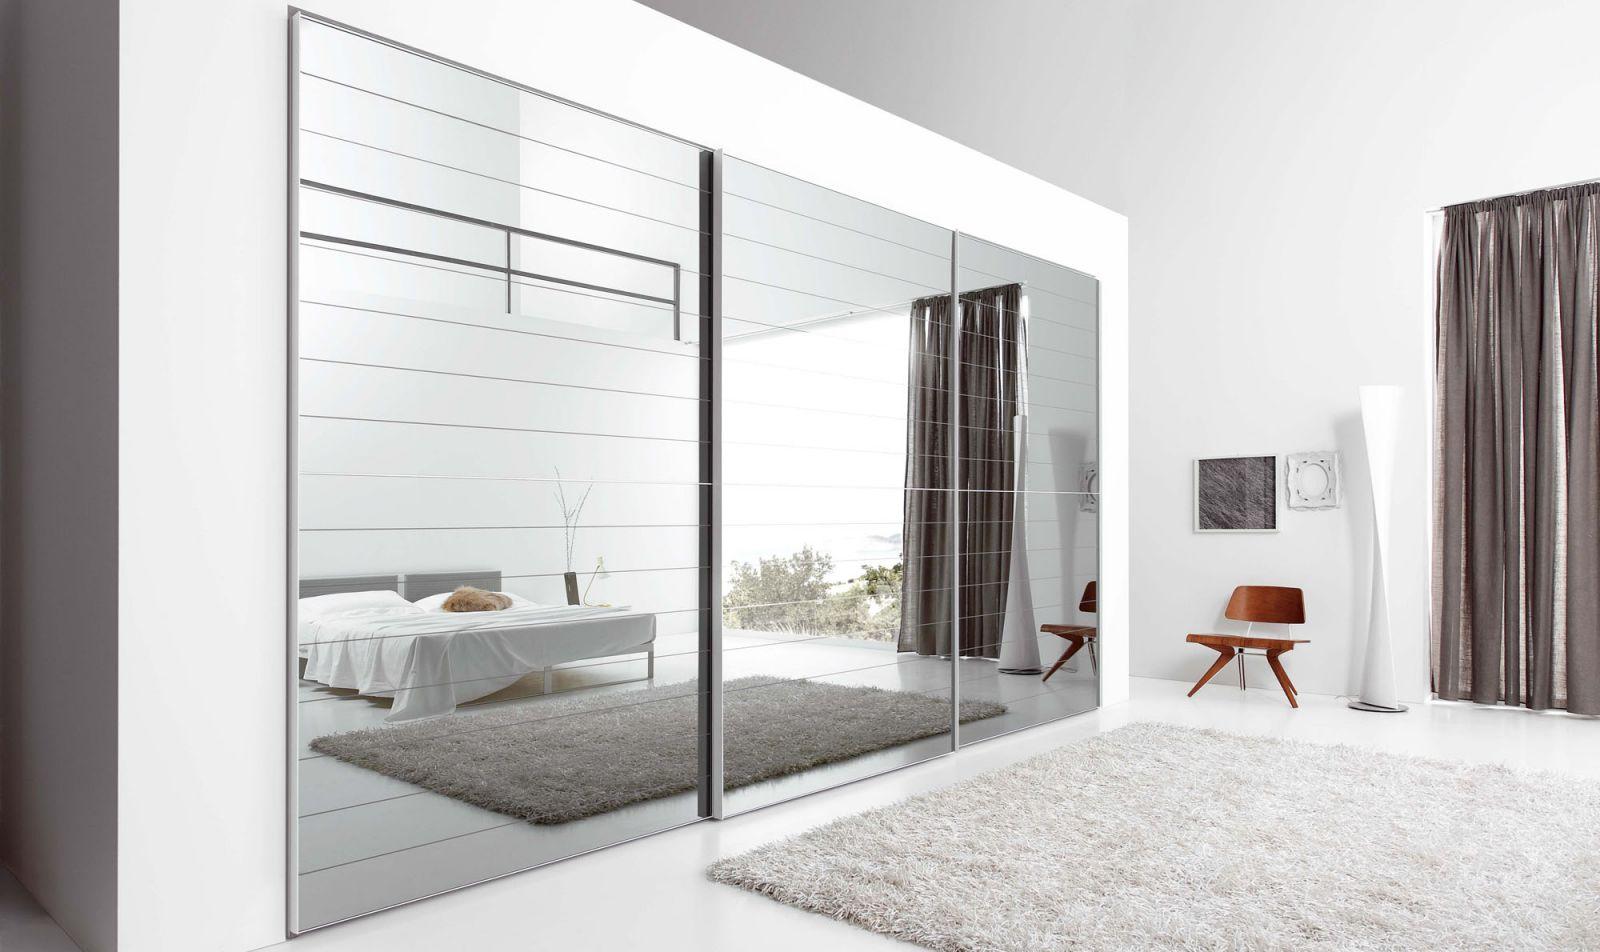 Armadi in vetro temperato o trasparente belli e resistenti - Ikea armadio con specchio ...